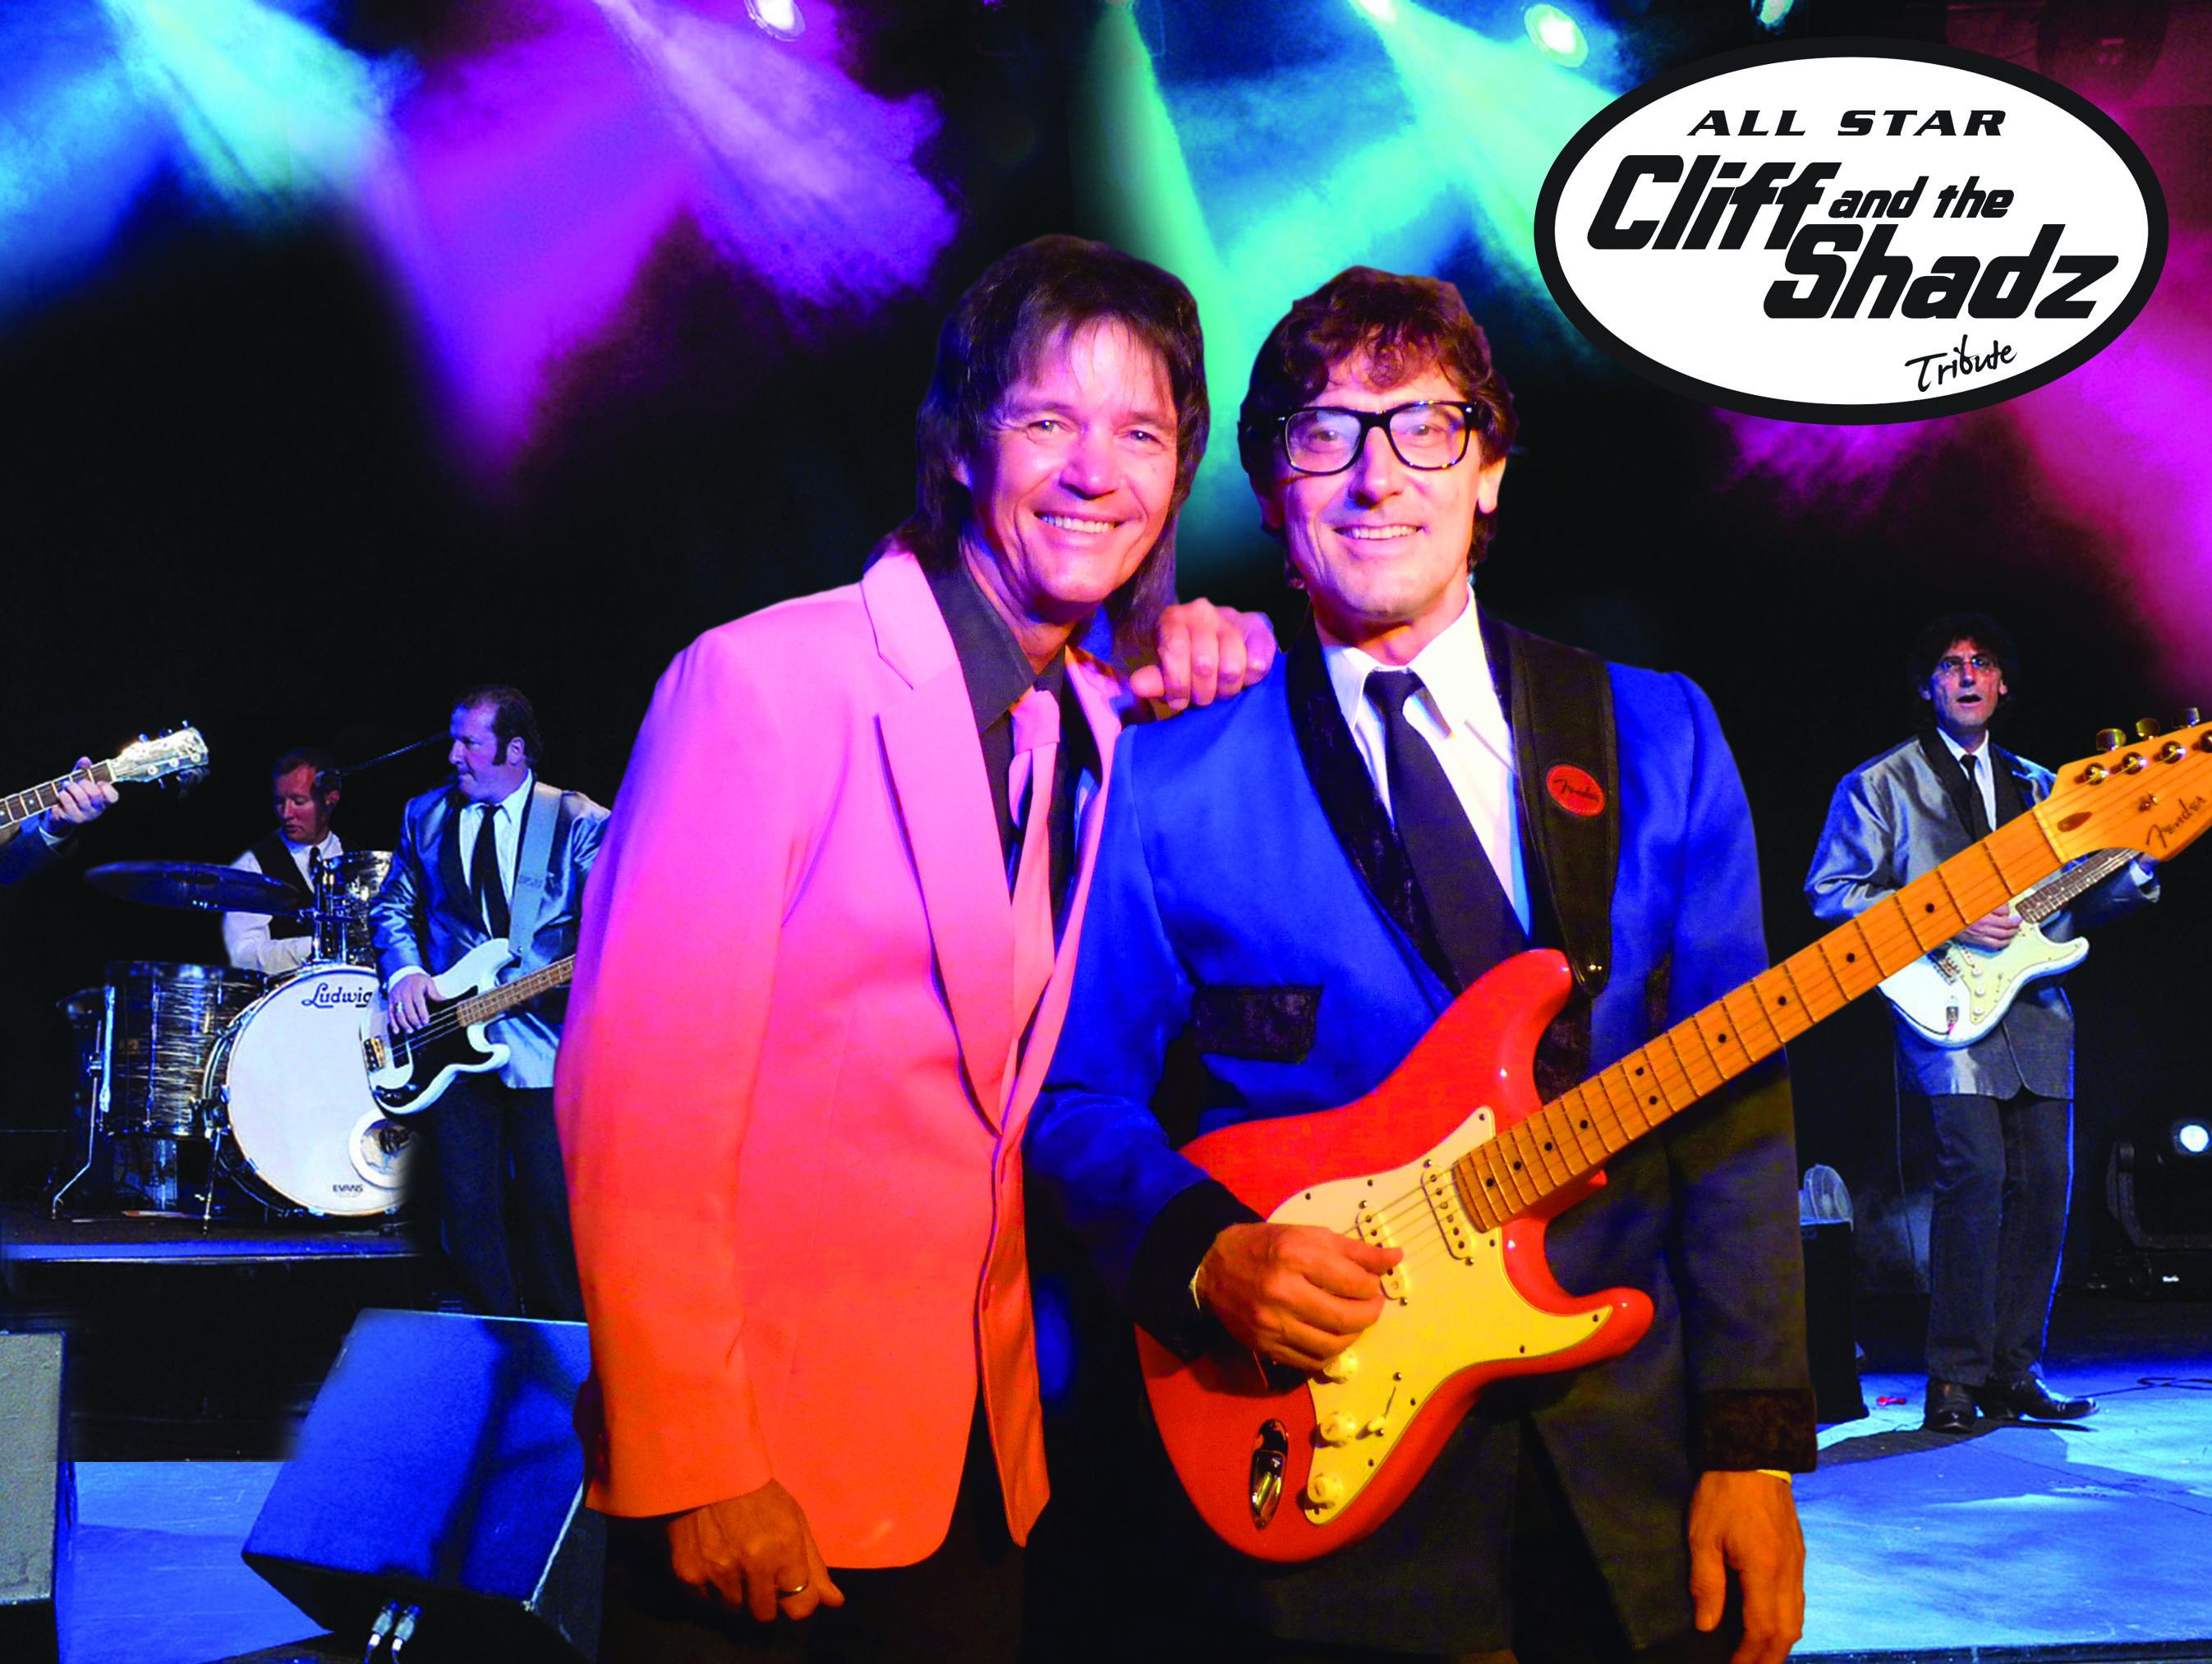 Cliff Richard Tribute Show Band Perth Australia